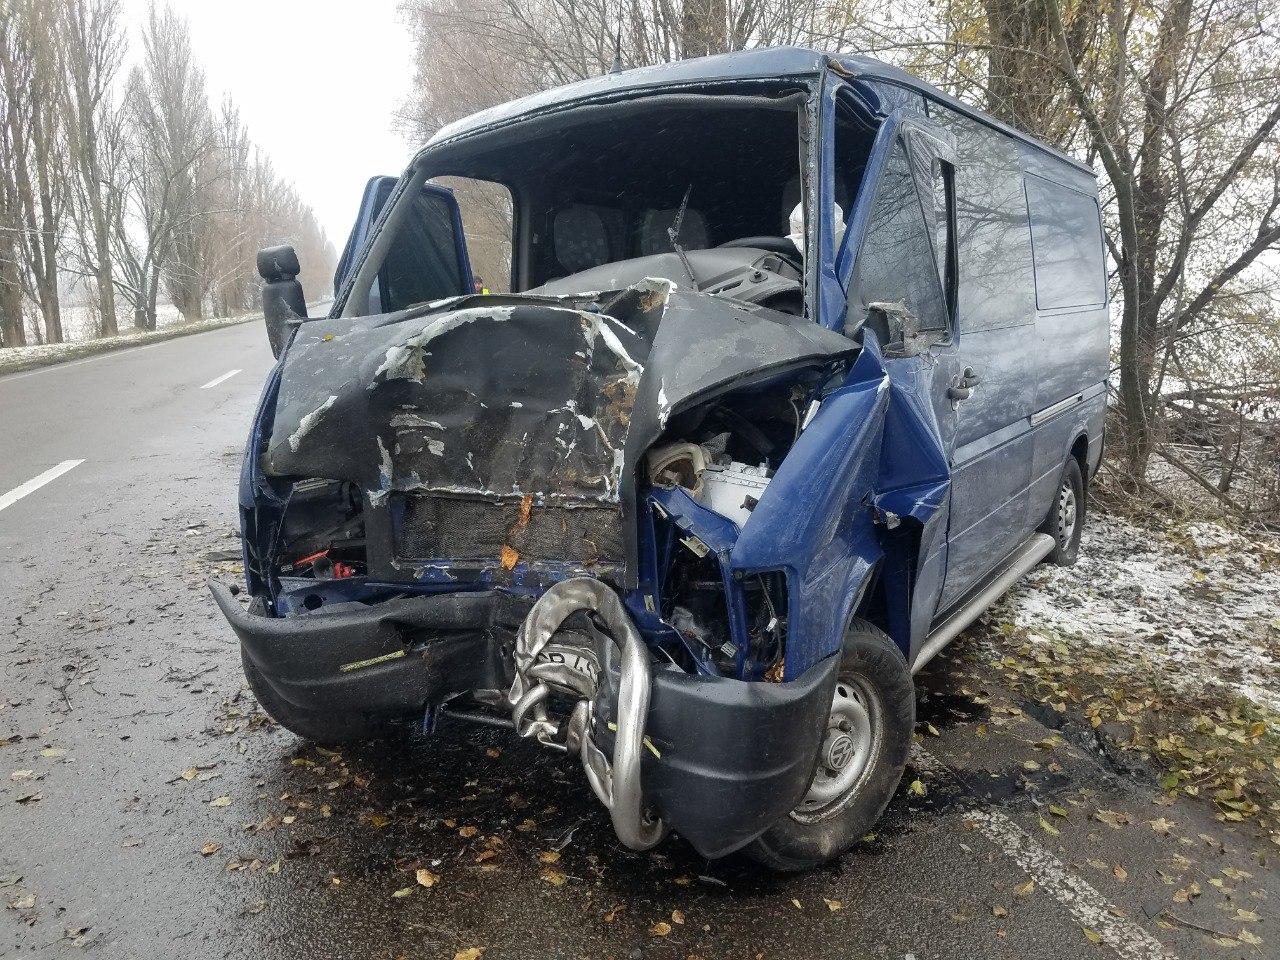 ДТП на Бориспільщині: від удару об дерево двигун авто опинився у салоні - дорога, автомобіль - DTP pid Boryspolem 3